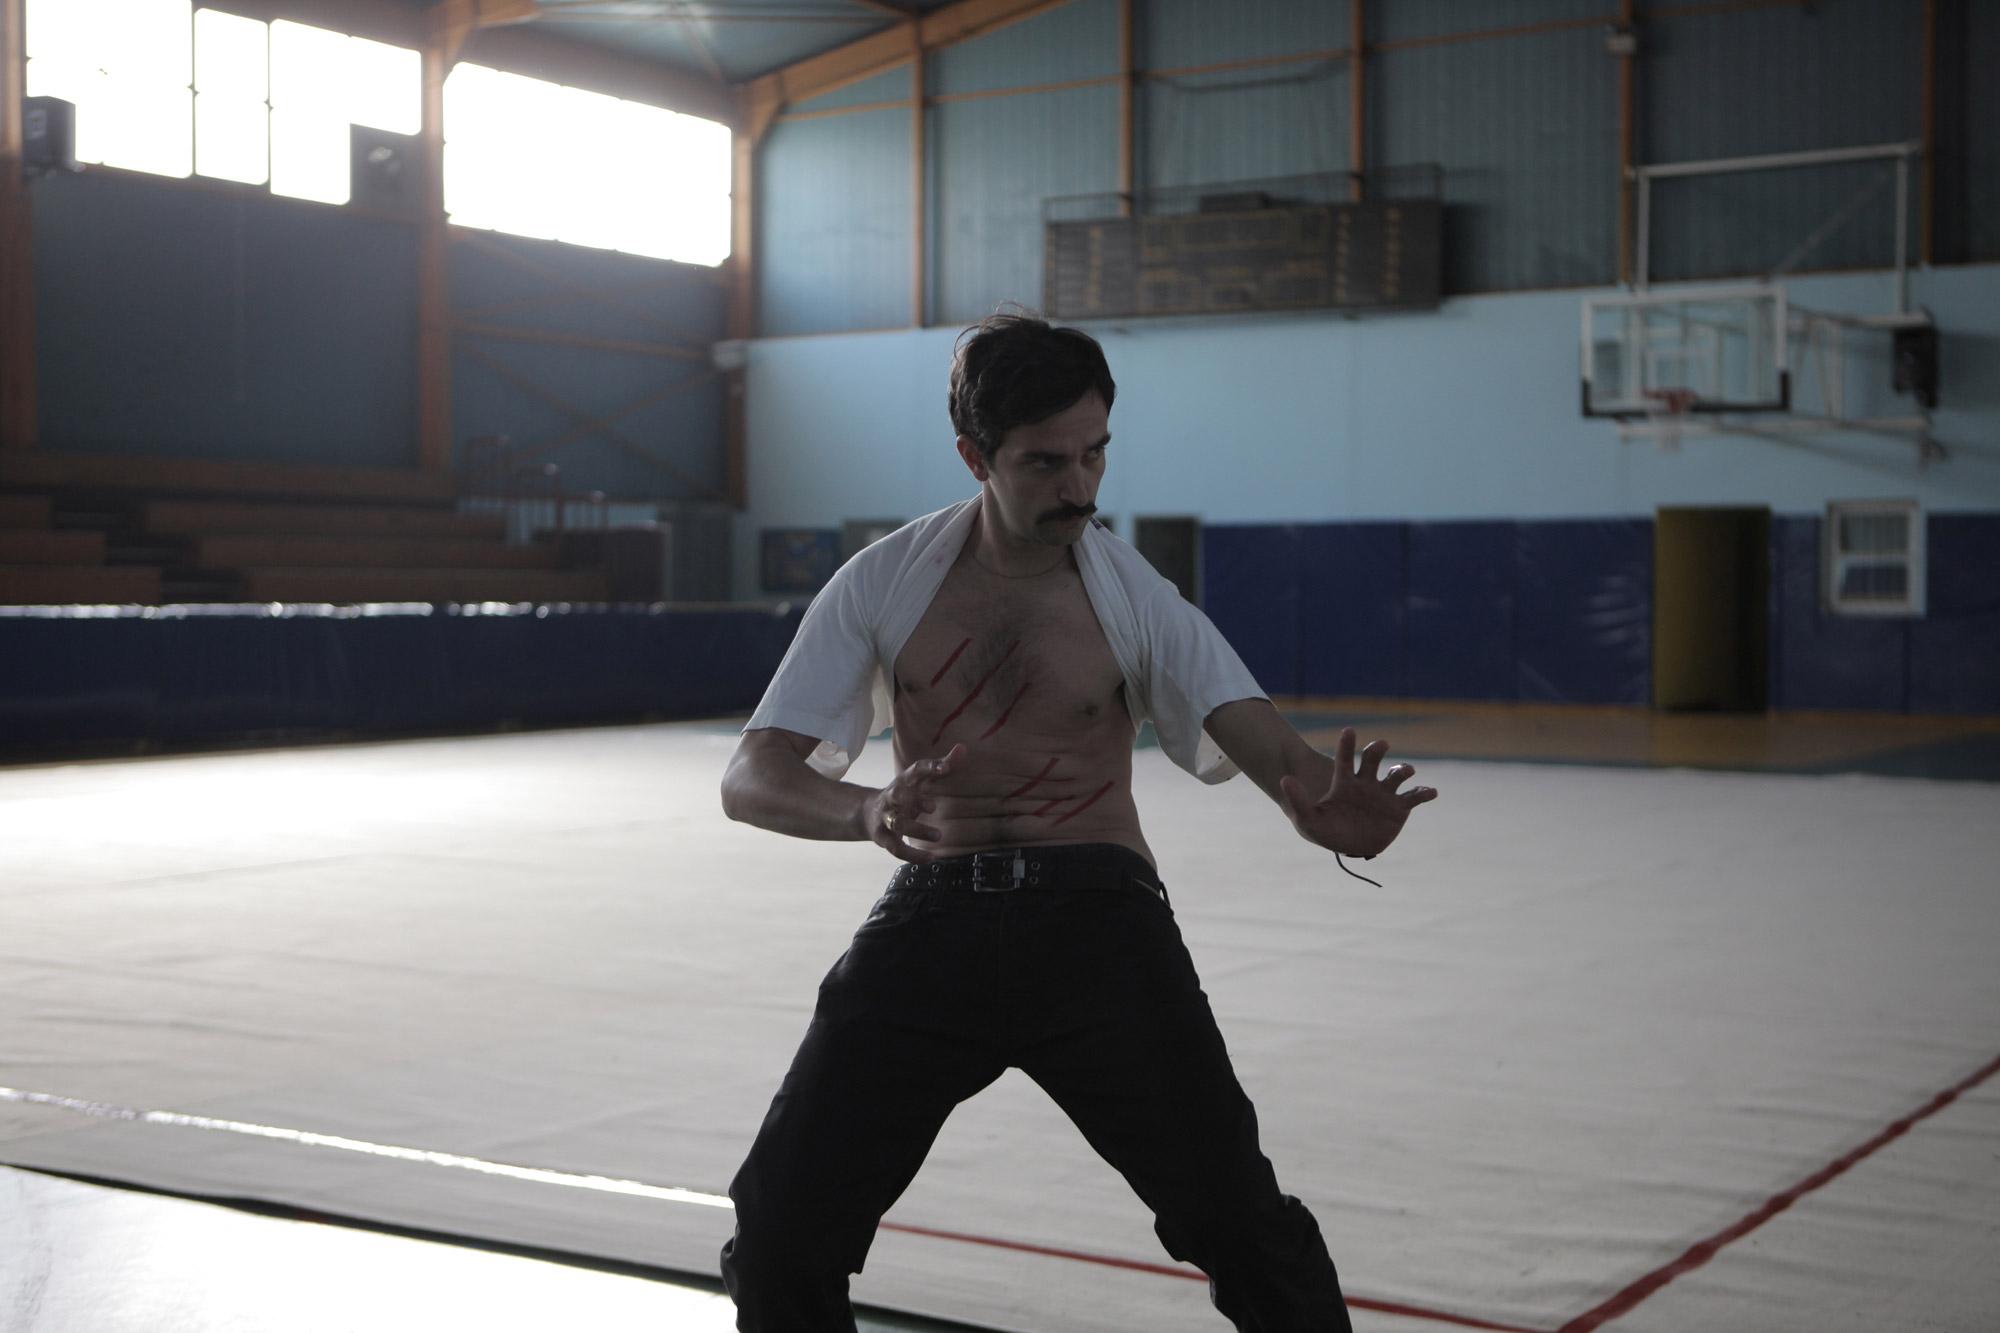 https://i2.wp.com/www.filmofilia.com/wp-content/uploads/2011/08/Yorgos-Lanthimos-Alps-Movie-Photo.jpg